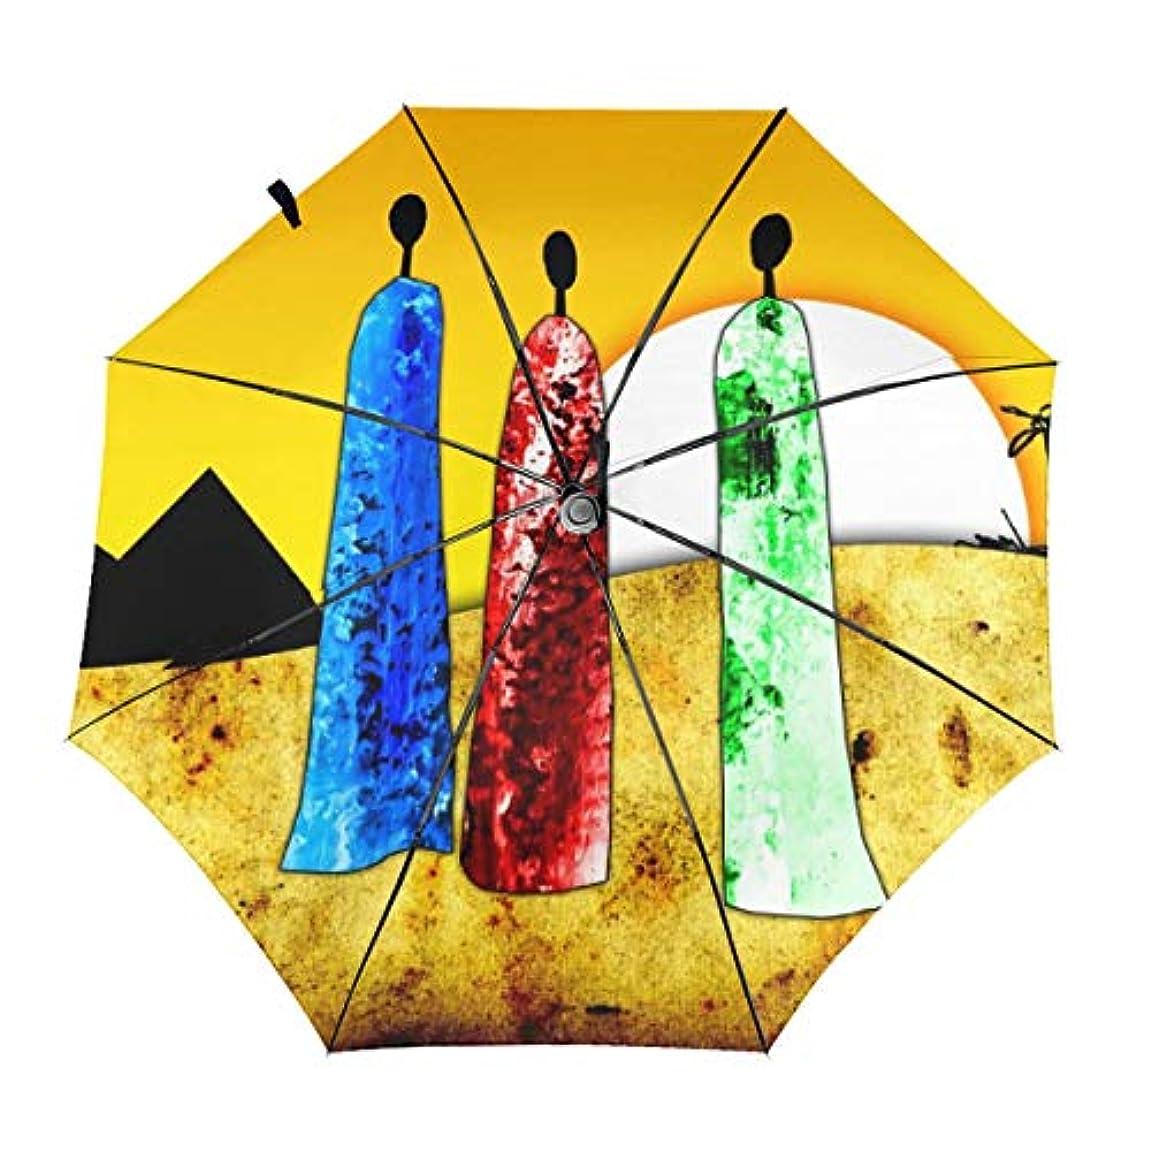 ログ手配する緩やかな大きな太陽に直面しているアフリカの人々 折りたたみ傘 日傘 ワンタッチ自動開閉 折り畳み 丈夫な8本骨 3段式 撥水 耐風 晴雨兼用 梅雨対策 UVカット 遮光遮熱 傘袋/収納ポーチ付き